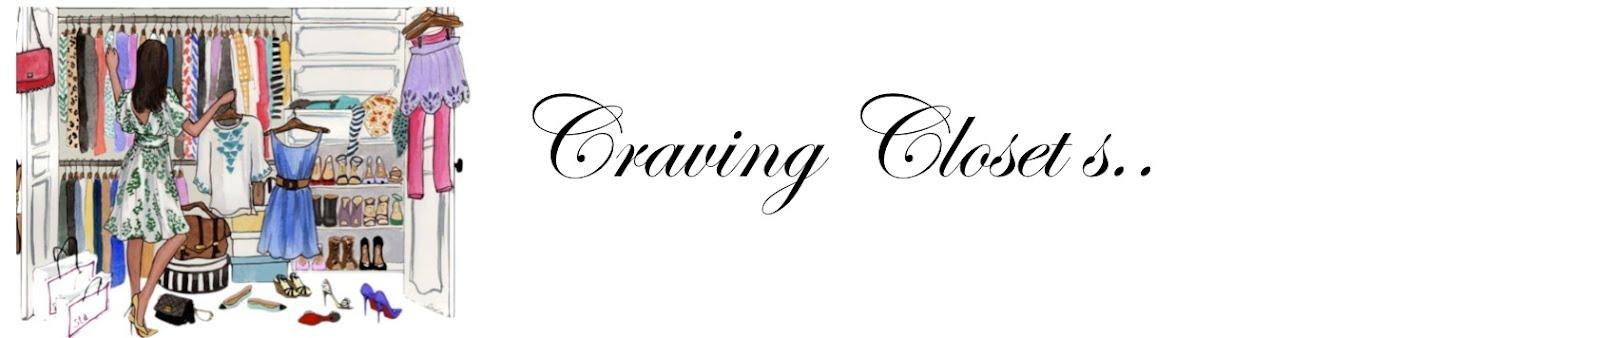 Craving Closet S